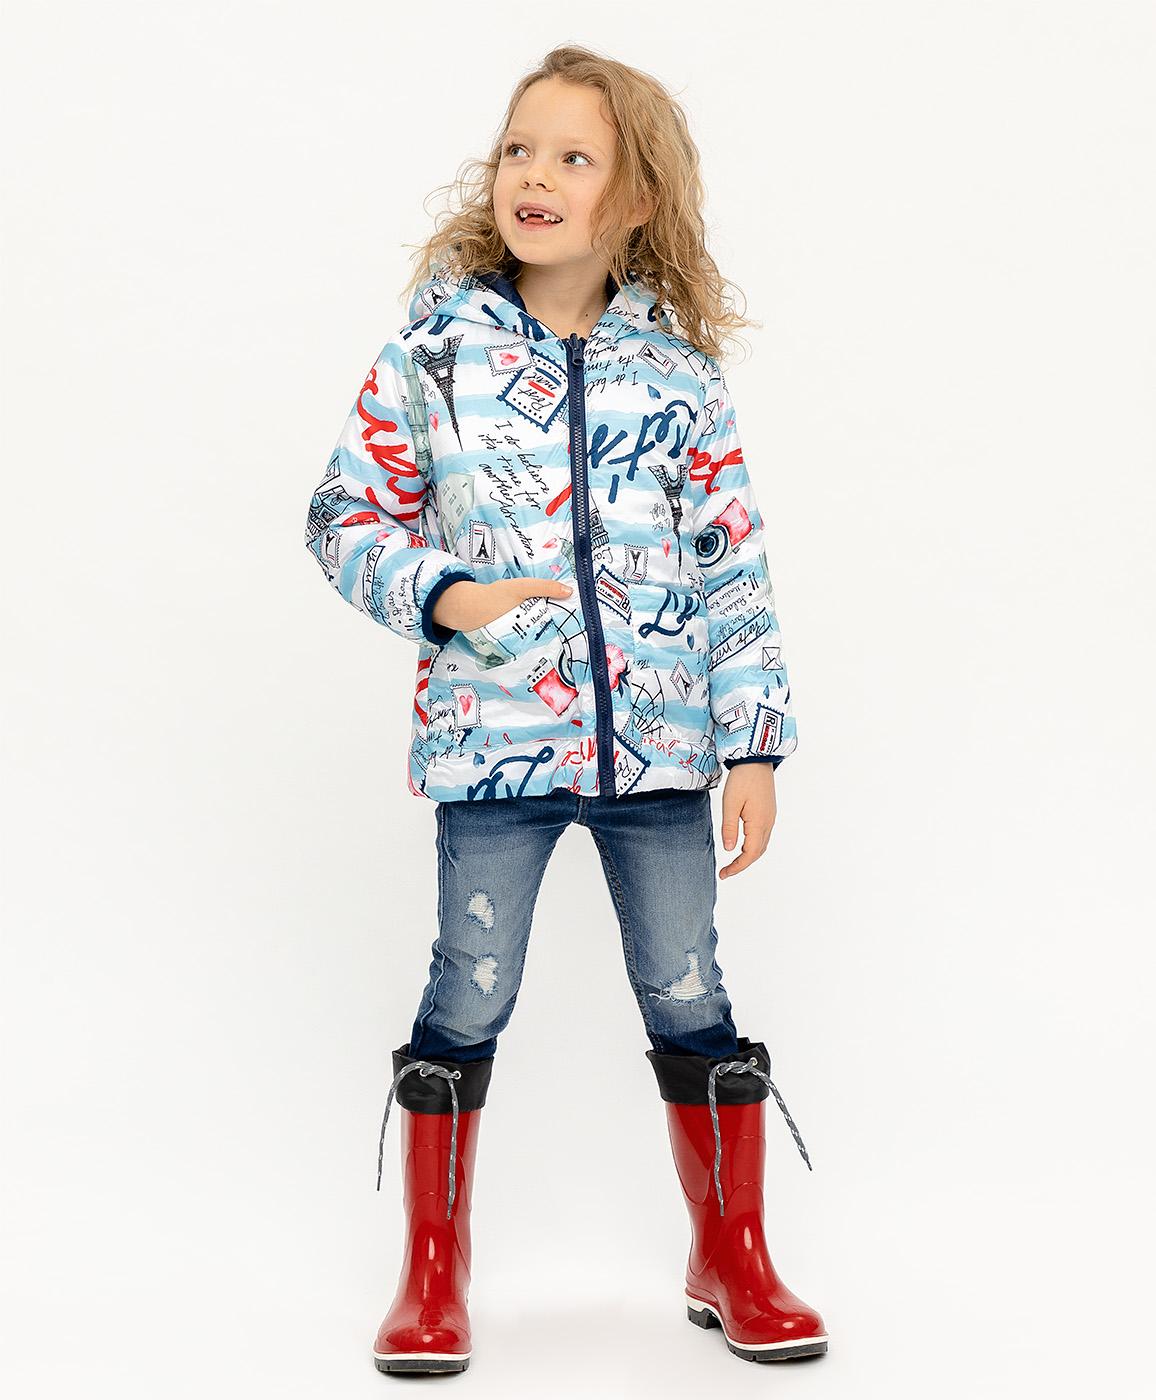 Купить 120BBGC41011013, Двухсторонняя демисезонная куртка Button Blue, голубой, 128, Женский, ВЕСНА/ЛЕТО 2020 (shop: GulliverMarket Gulliver Market)